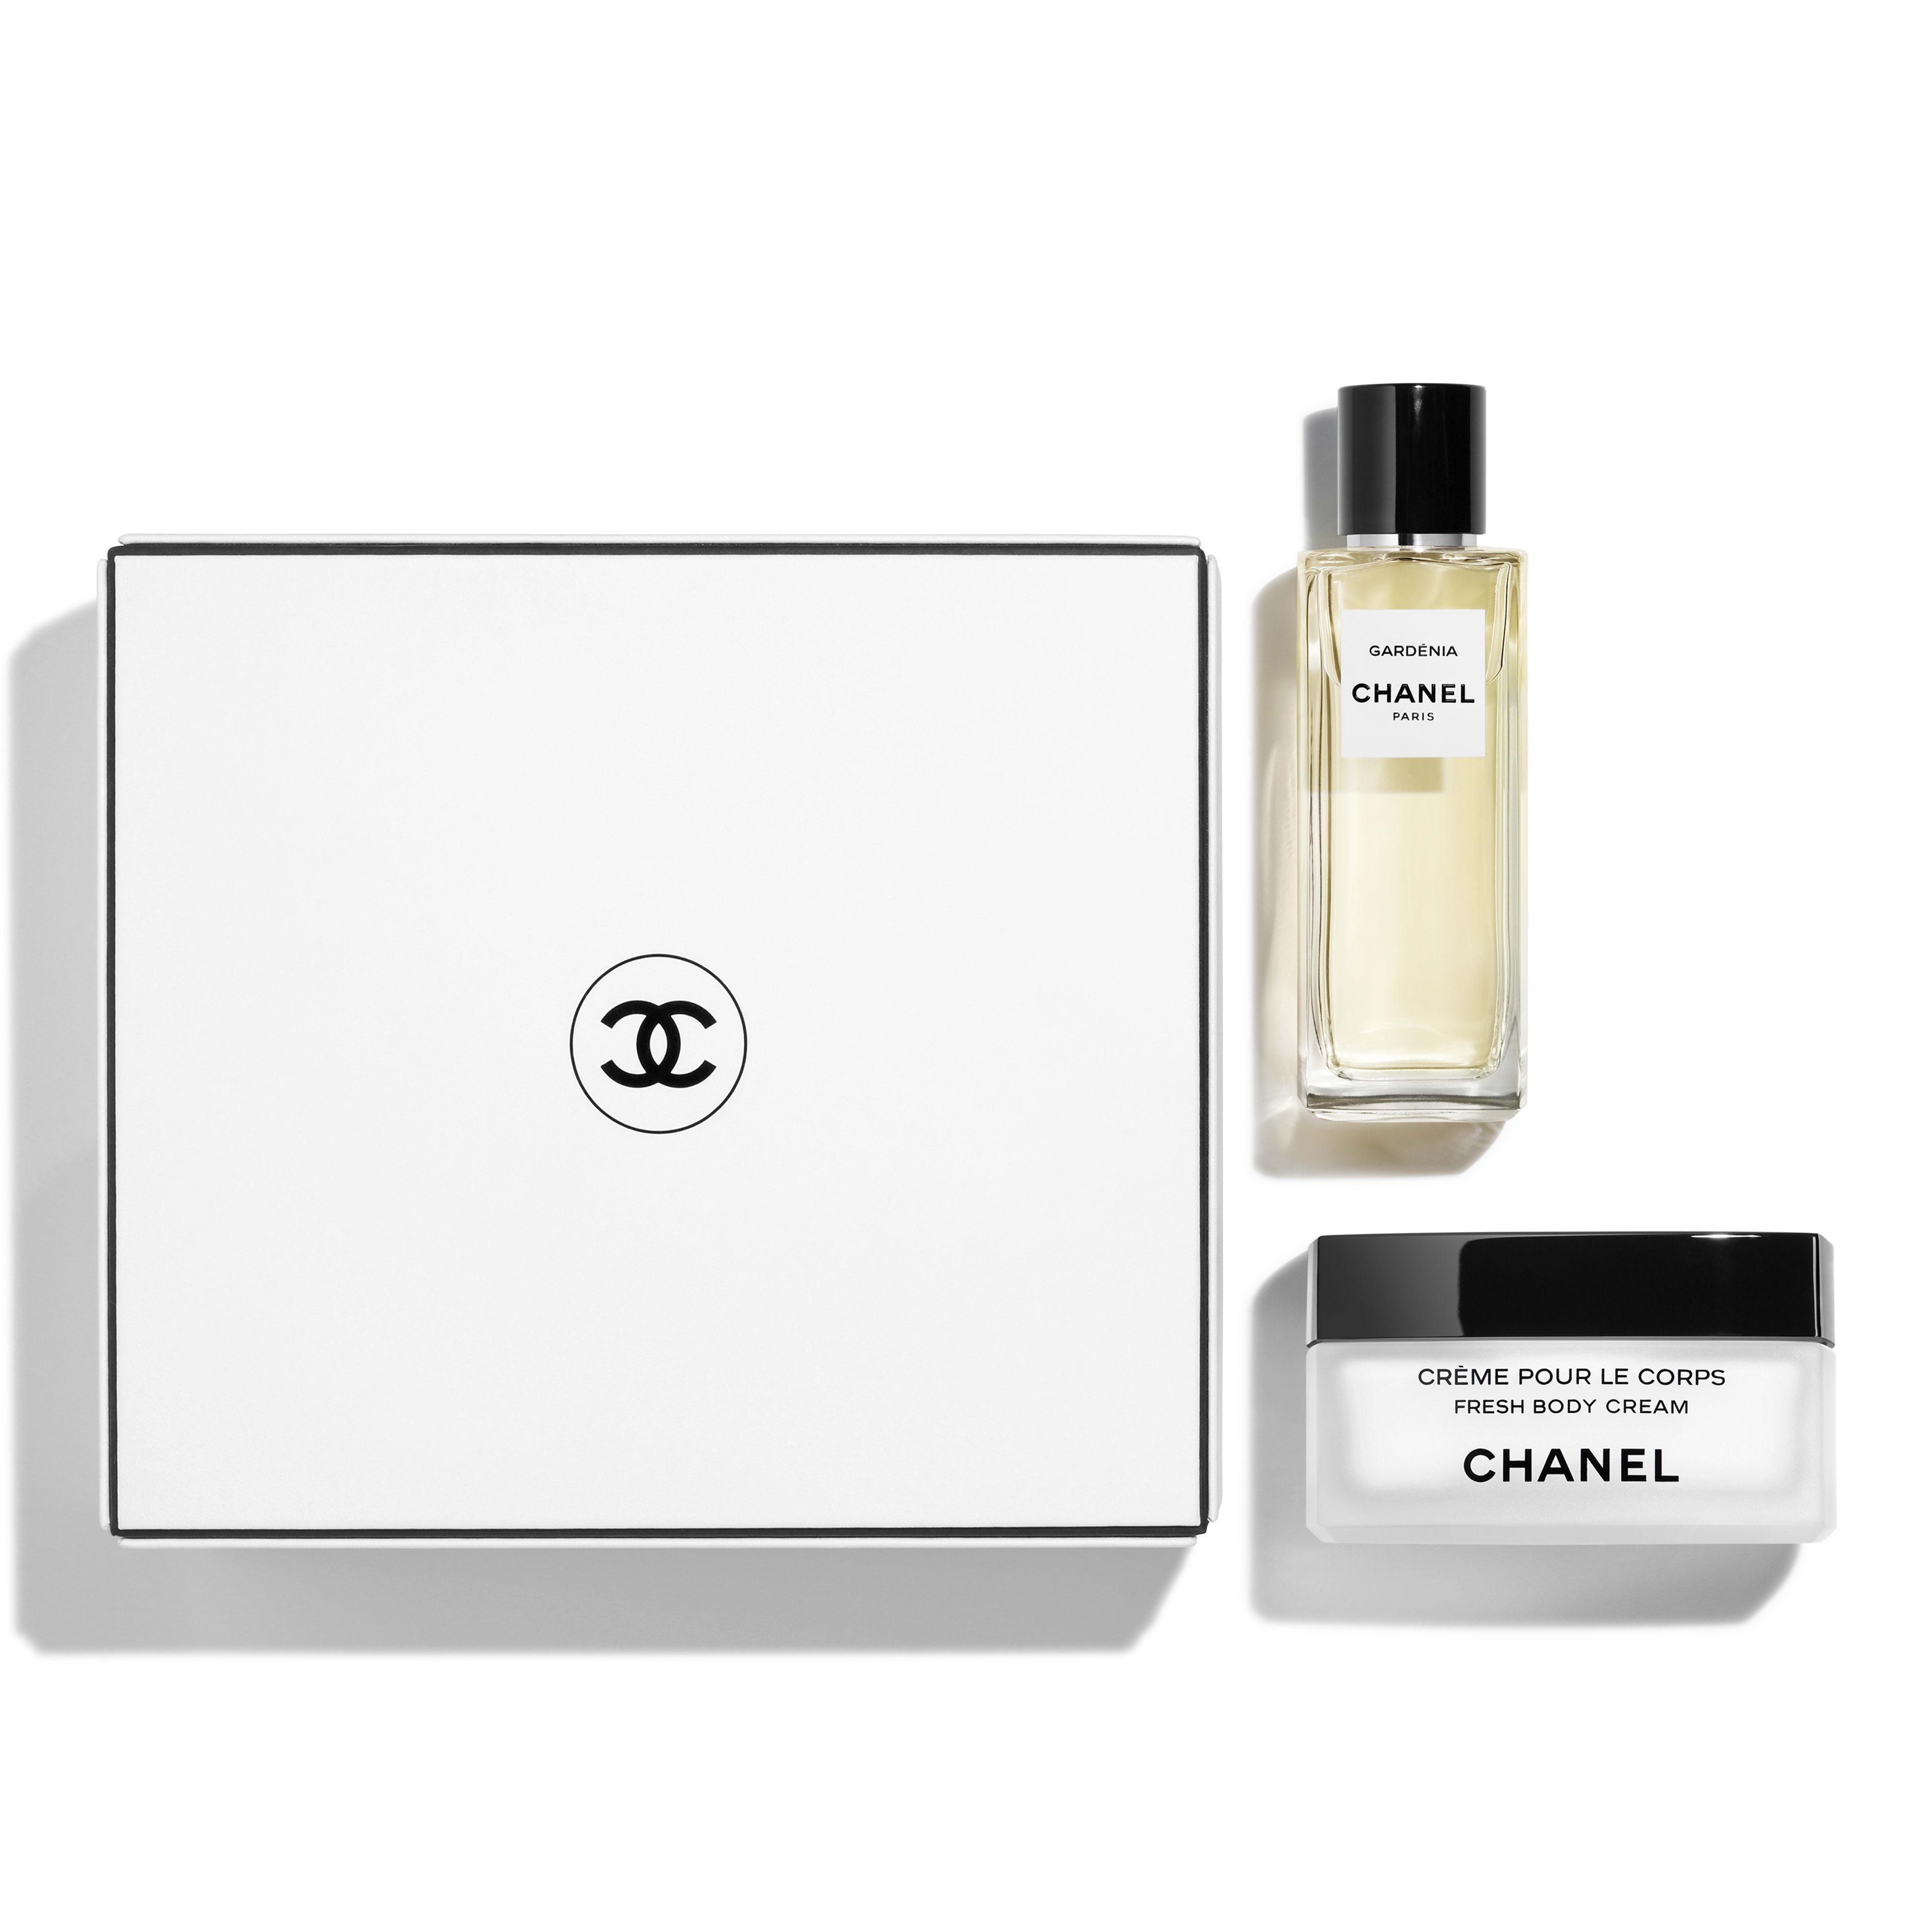 Les Exclusifs De Chanel Fragrance Chanel